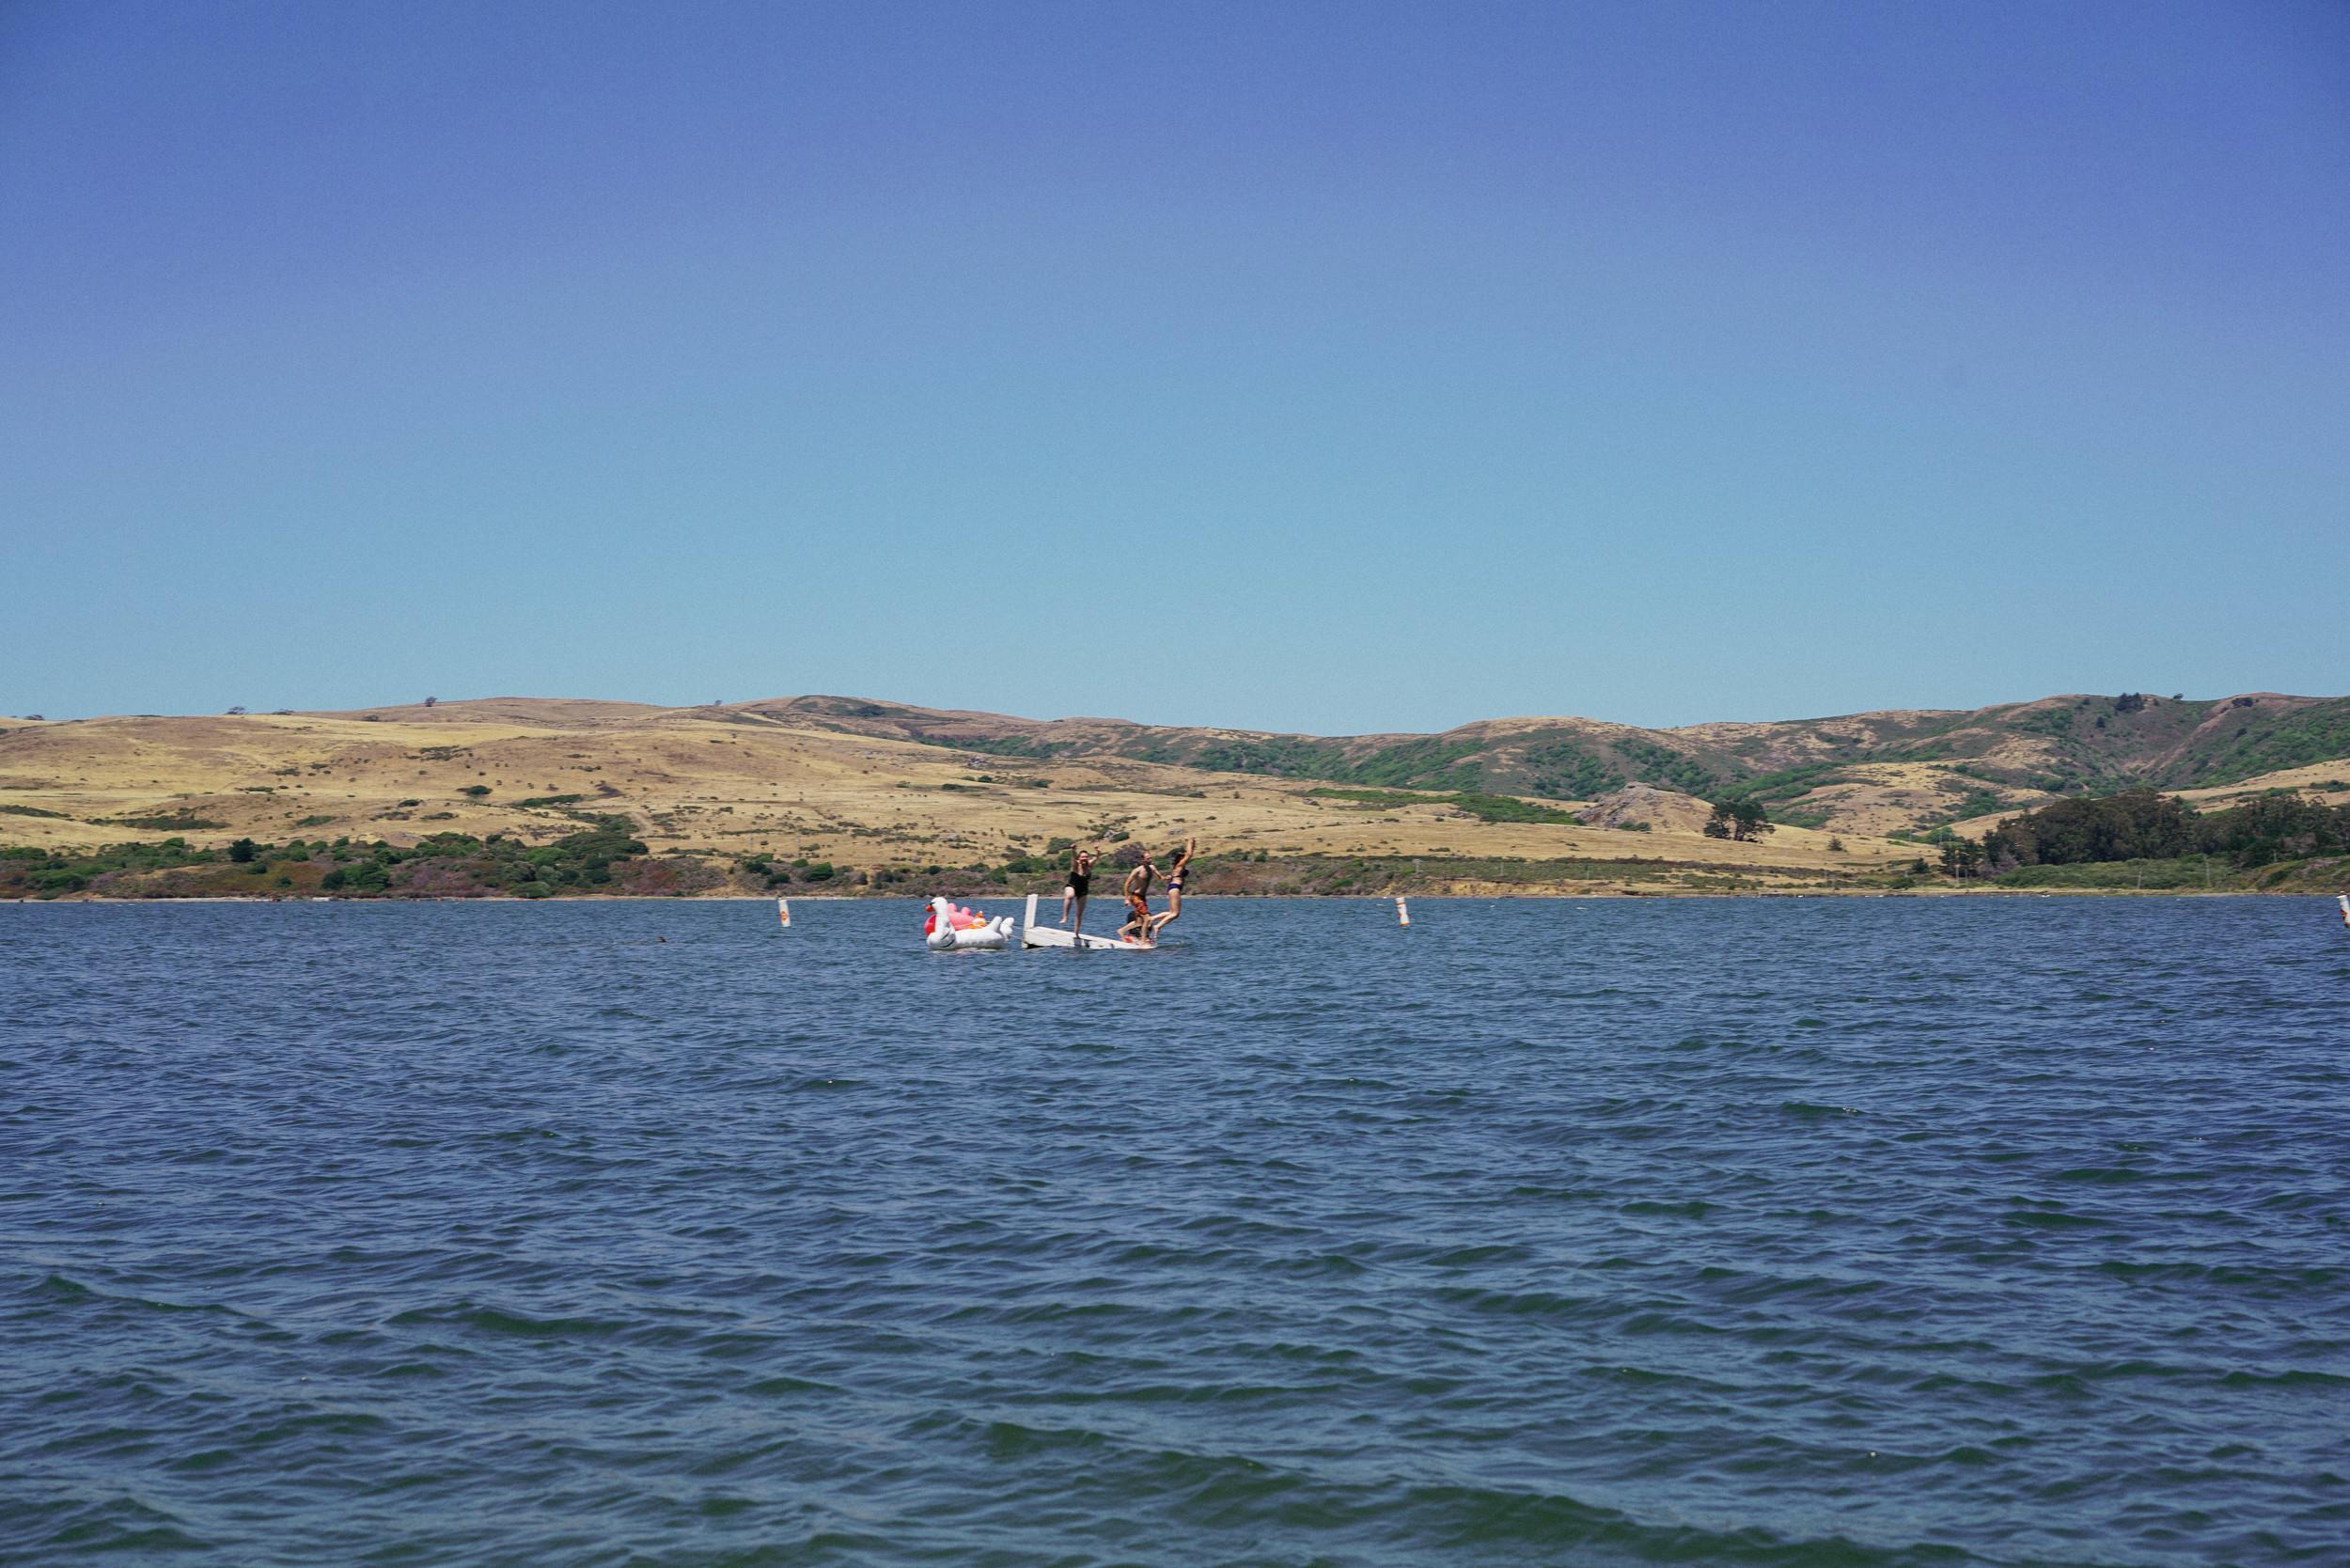 marin-county-fair-anise-photo (18 of 22).jpg